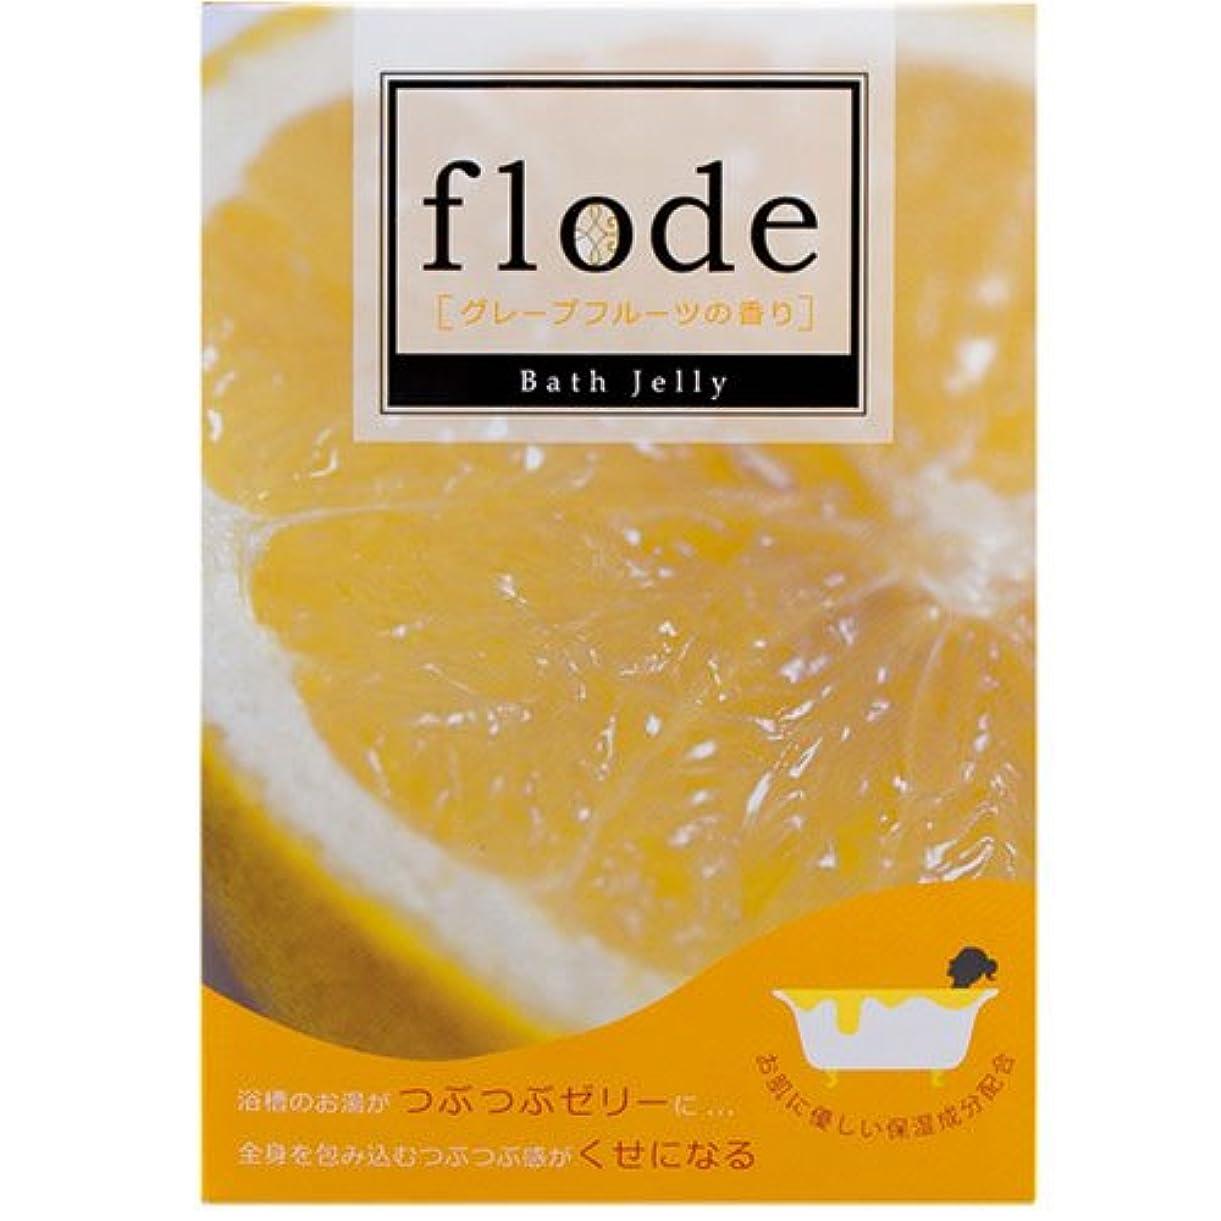 逃れるフィードオン興奮【フローデ バスゼリー グレープフルーツの香り】